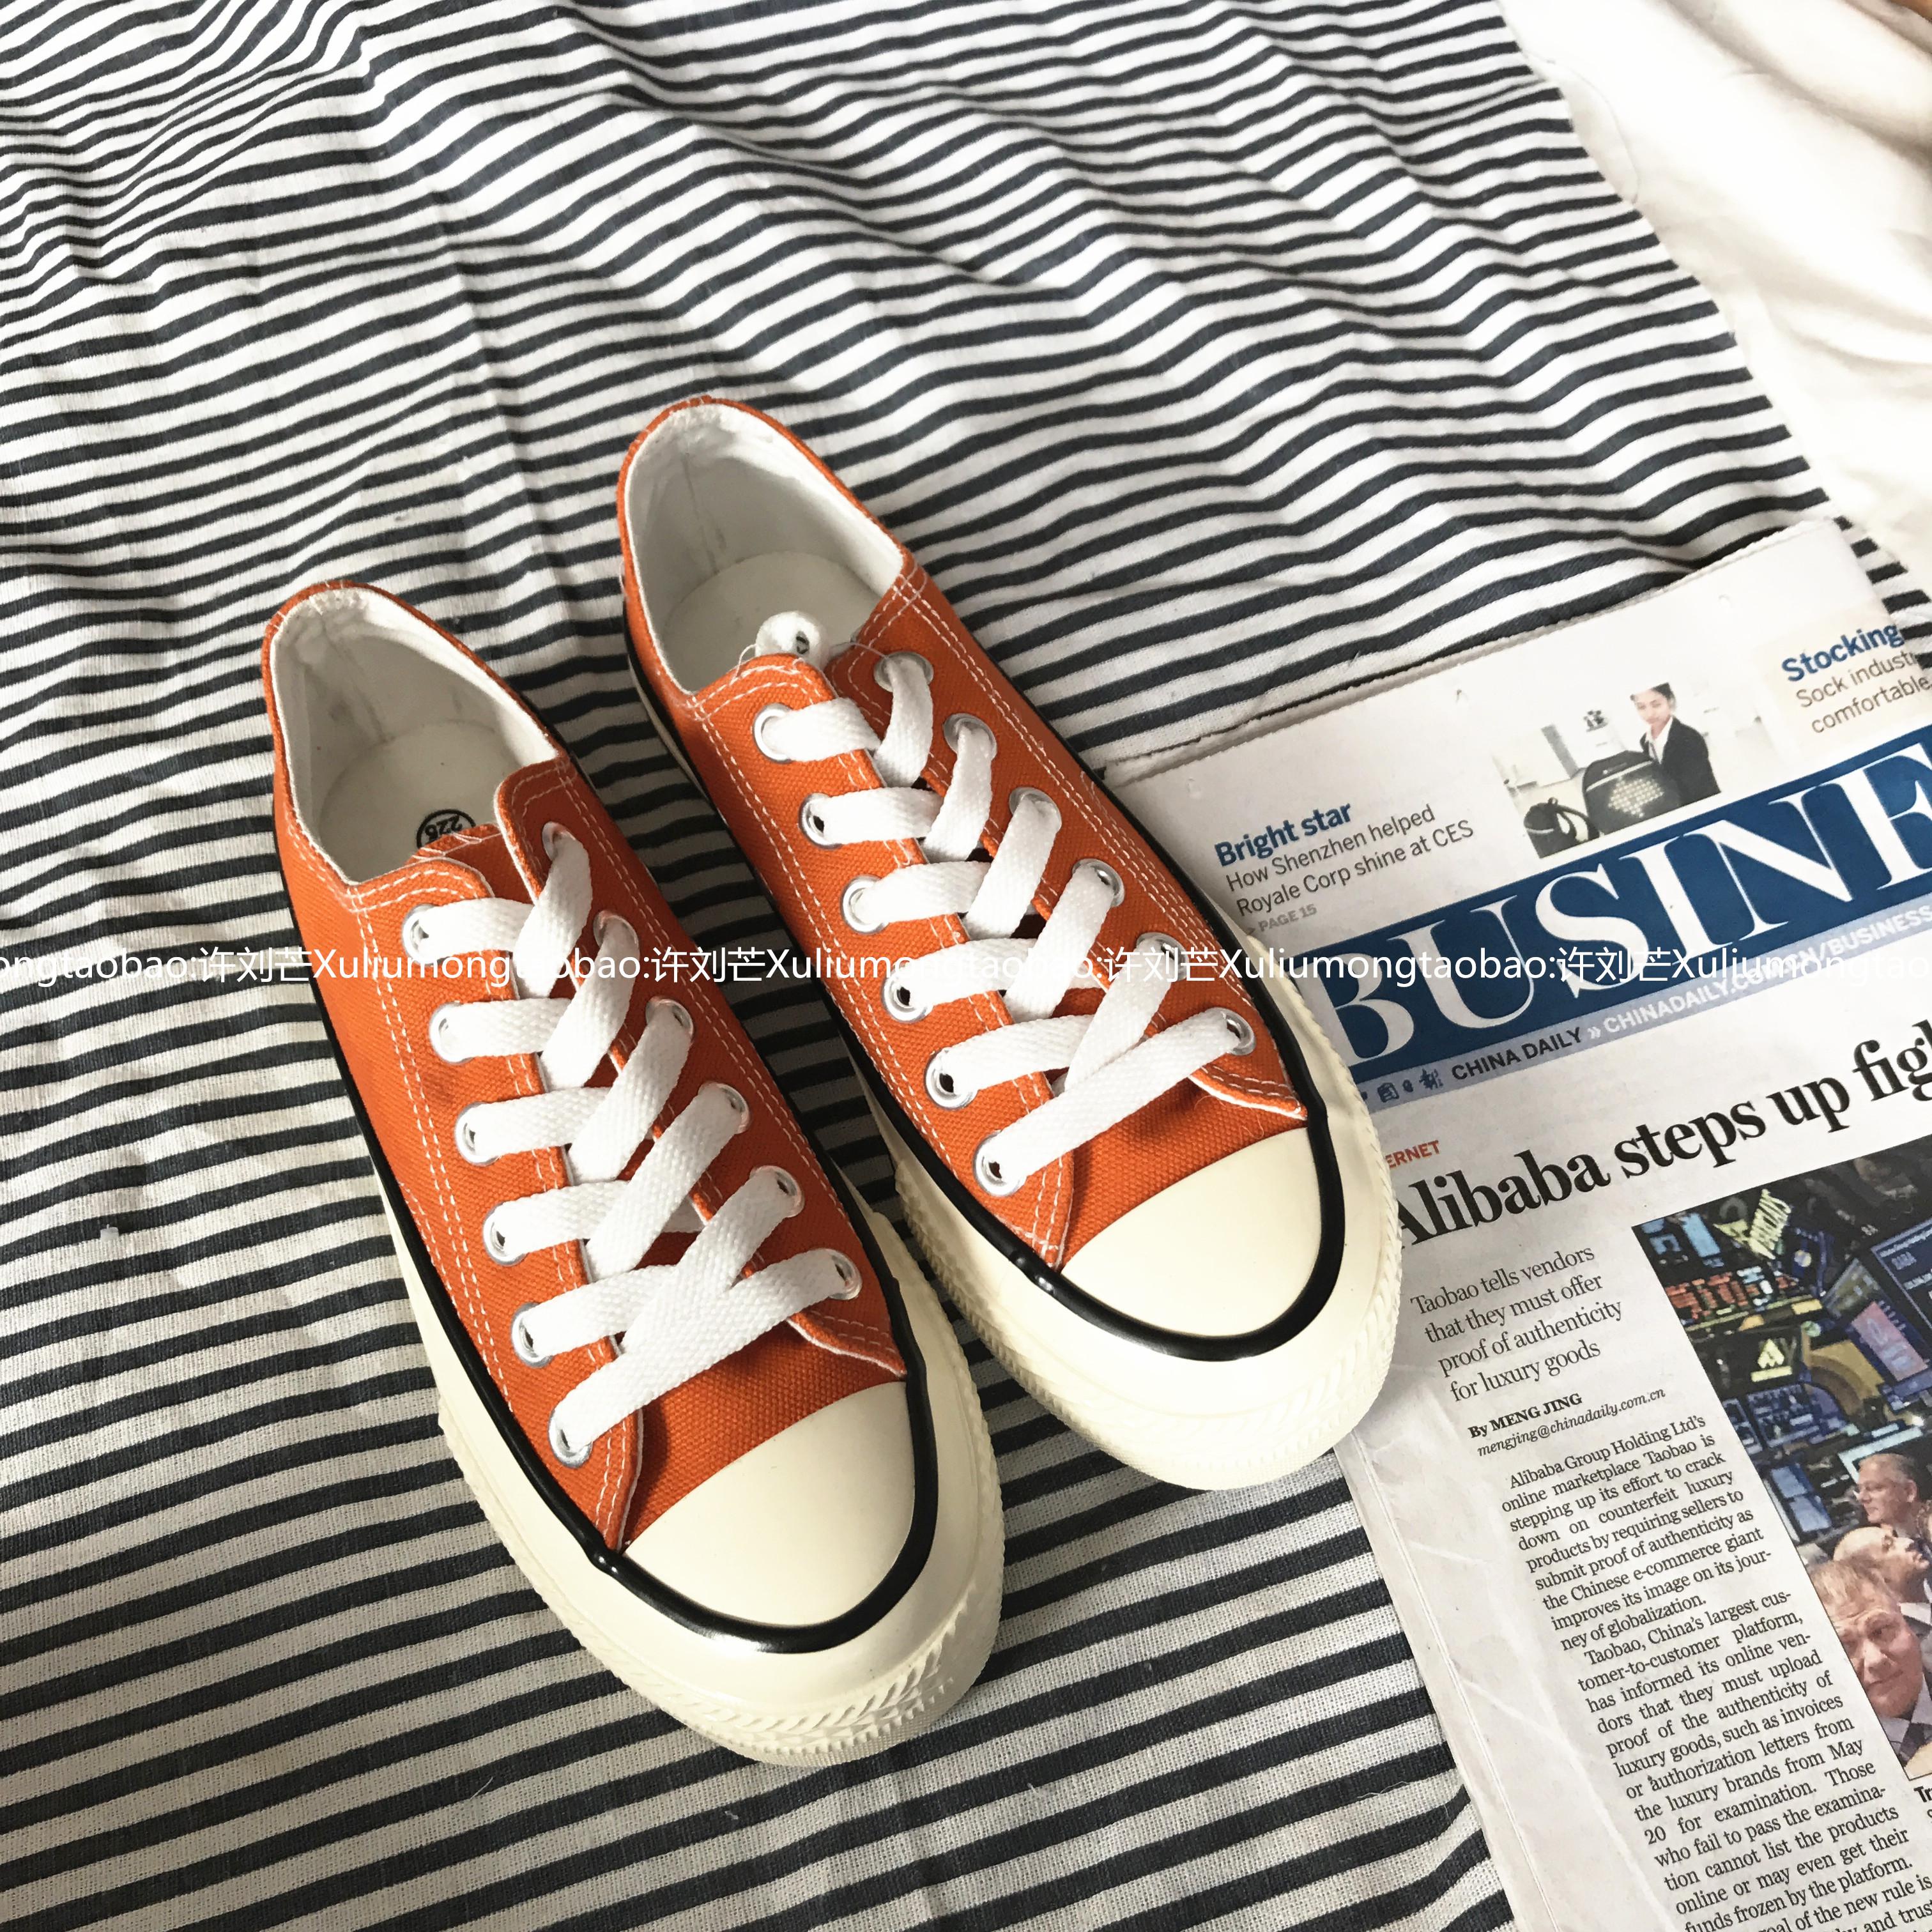 許劉芒 韓國街拍萬年經典款百搭復古1970s復刻橘色低幫帆布鞋女